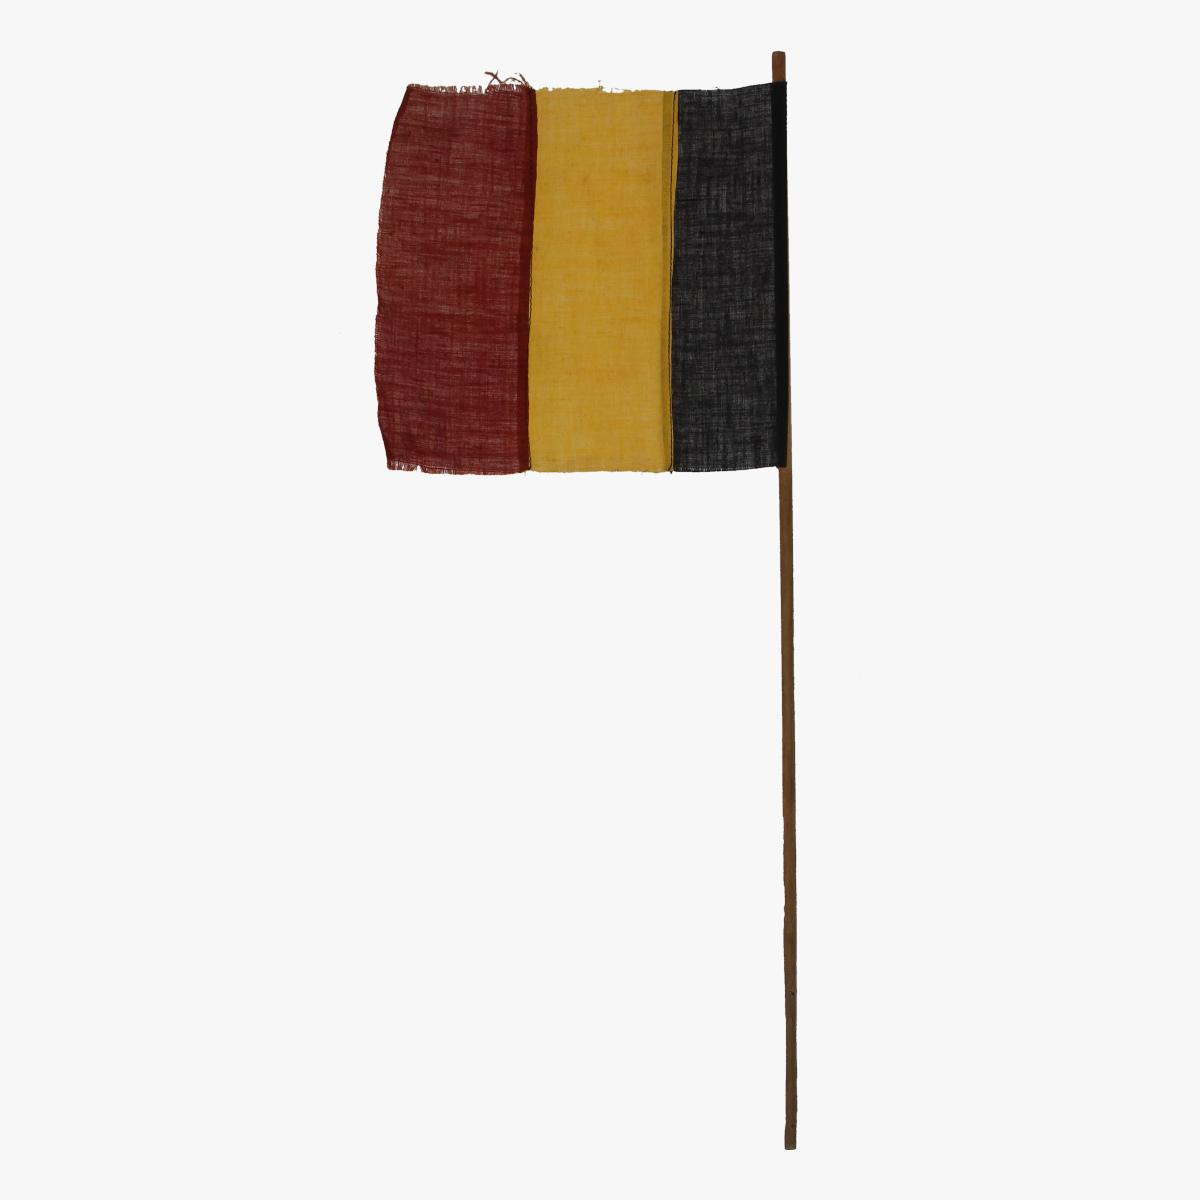 Afbeeldingen van belgisch vlagje expo 58 wereldtentoonstelling